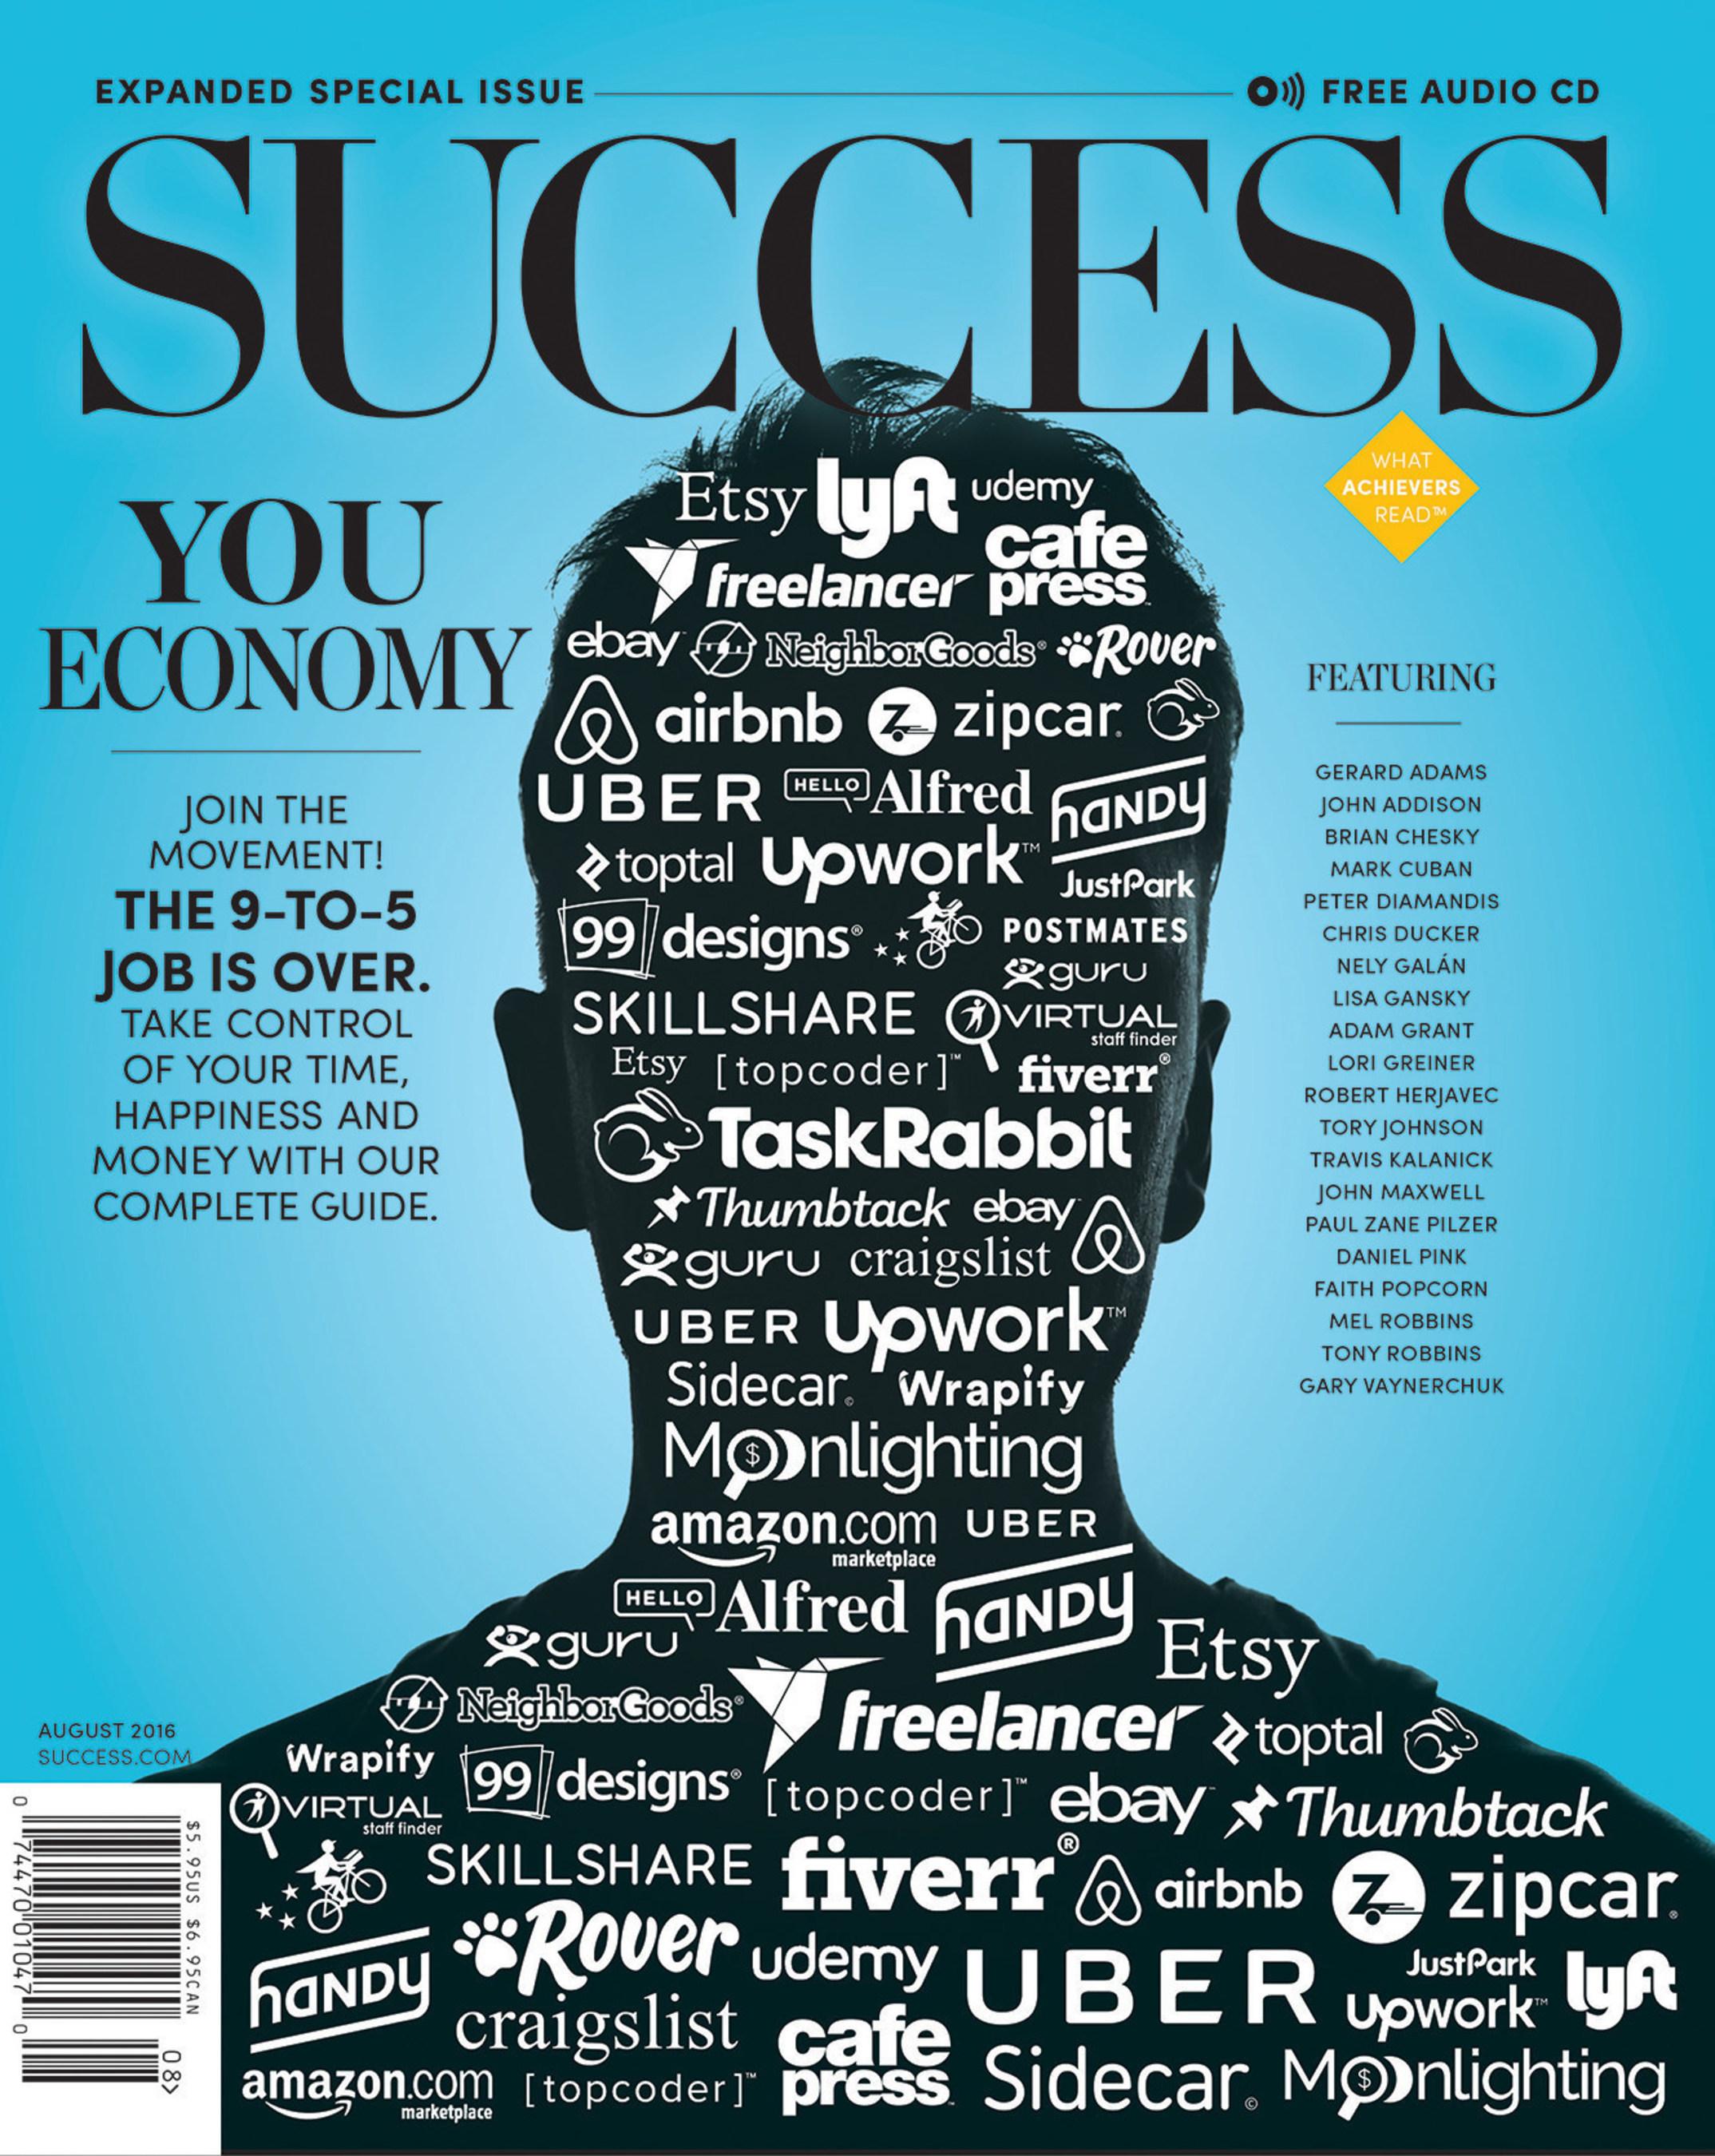 The New Economy is the YouEconomy: SUCCESS Magazine